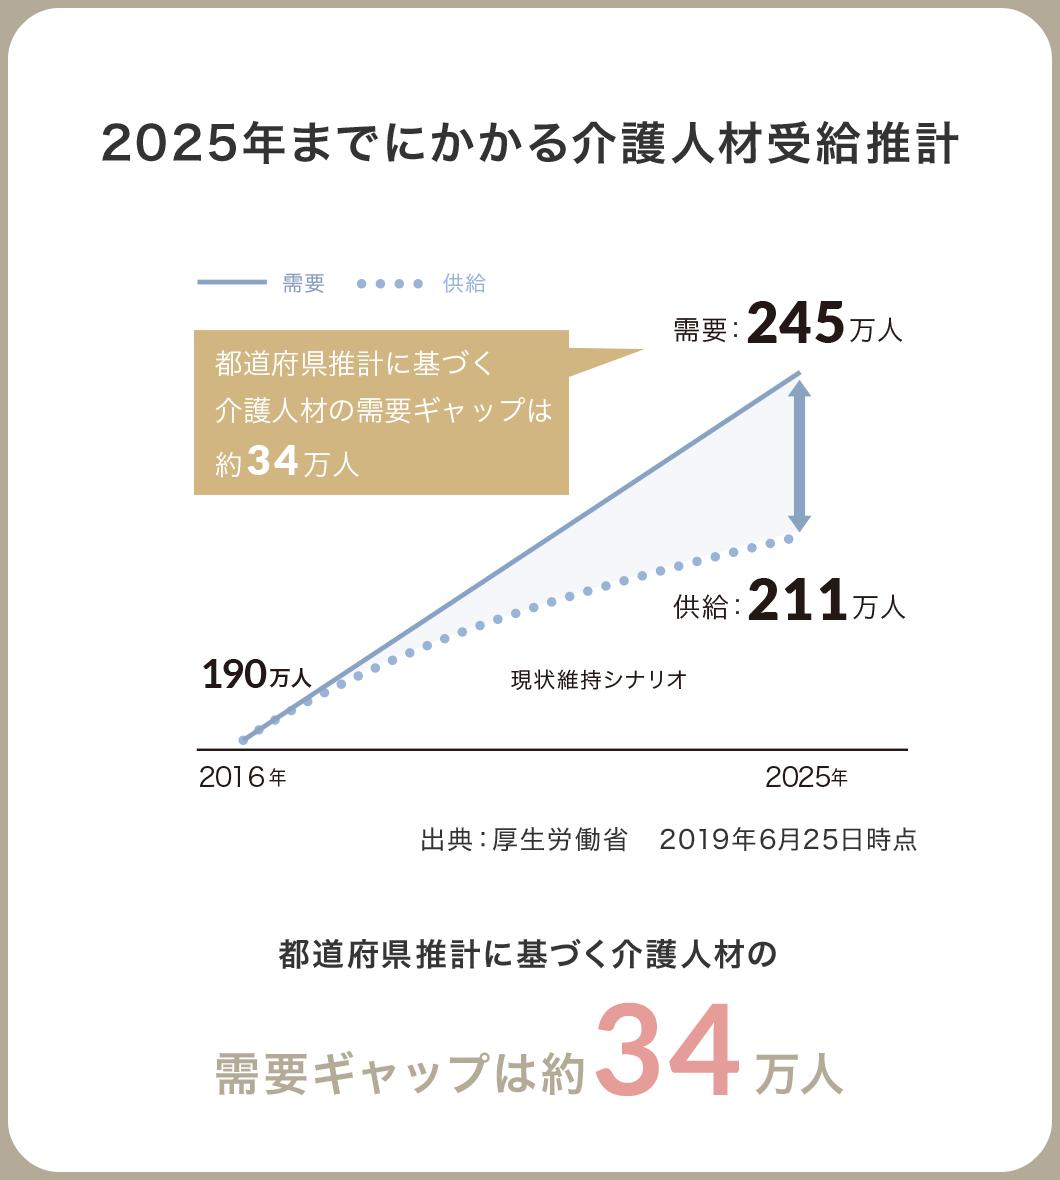 2025年までにかかる介護人材受給推計 都道府県推計に基づく介護人材の需要ギャップは約34万人